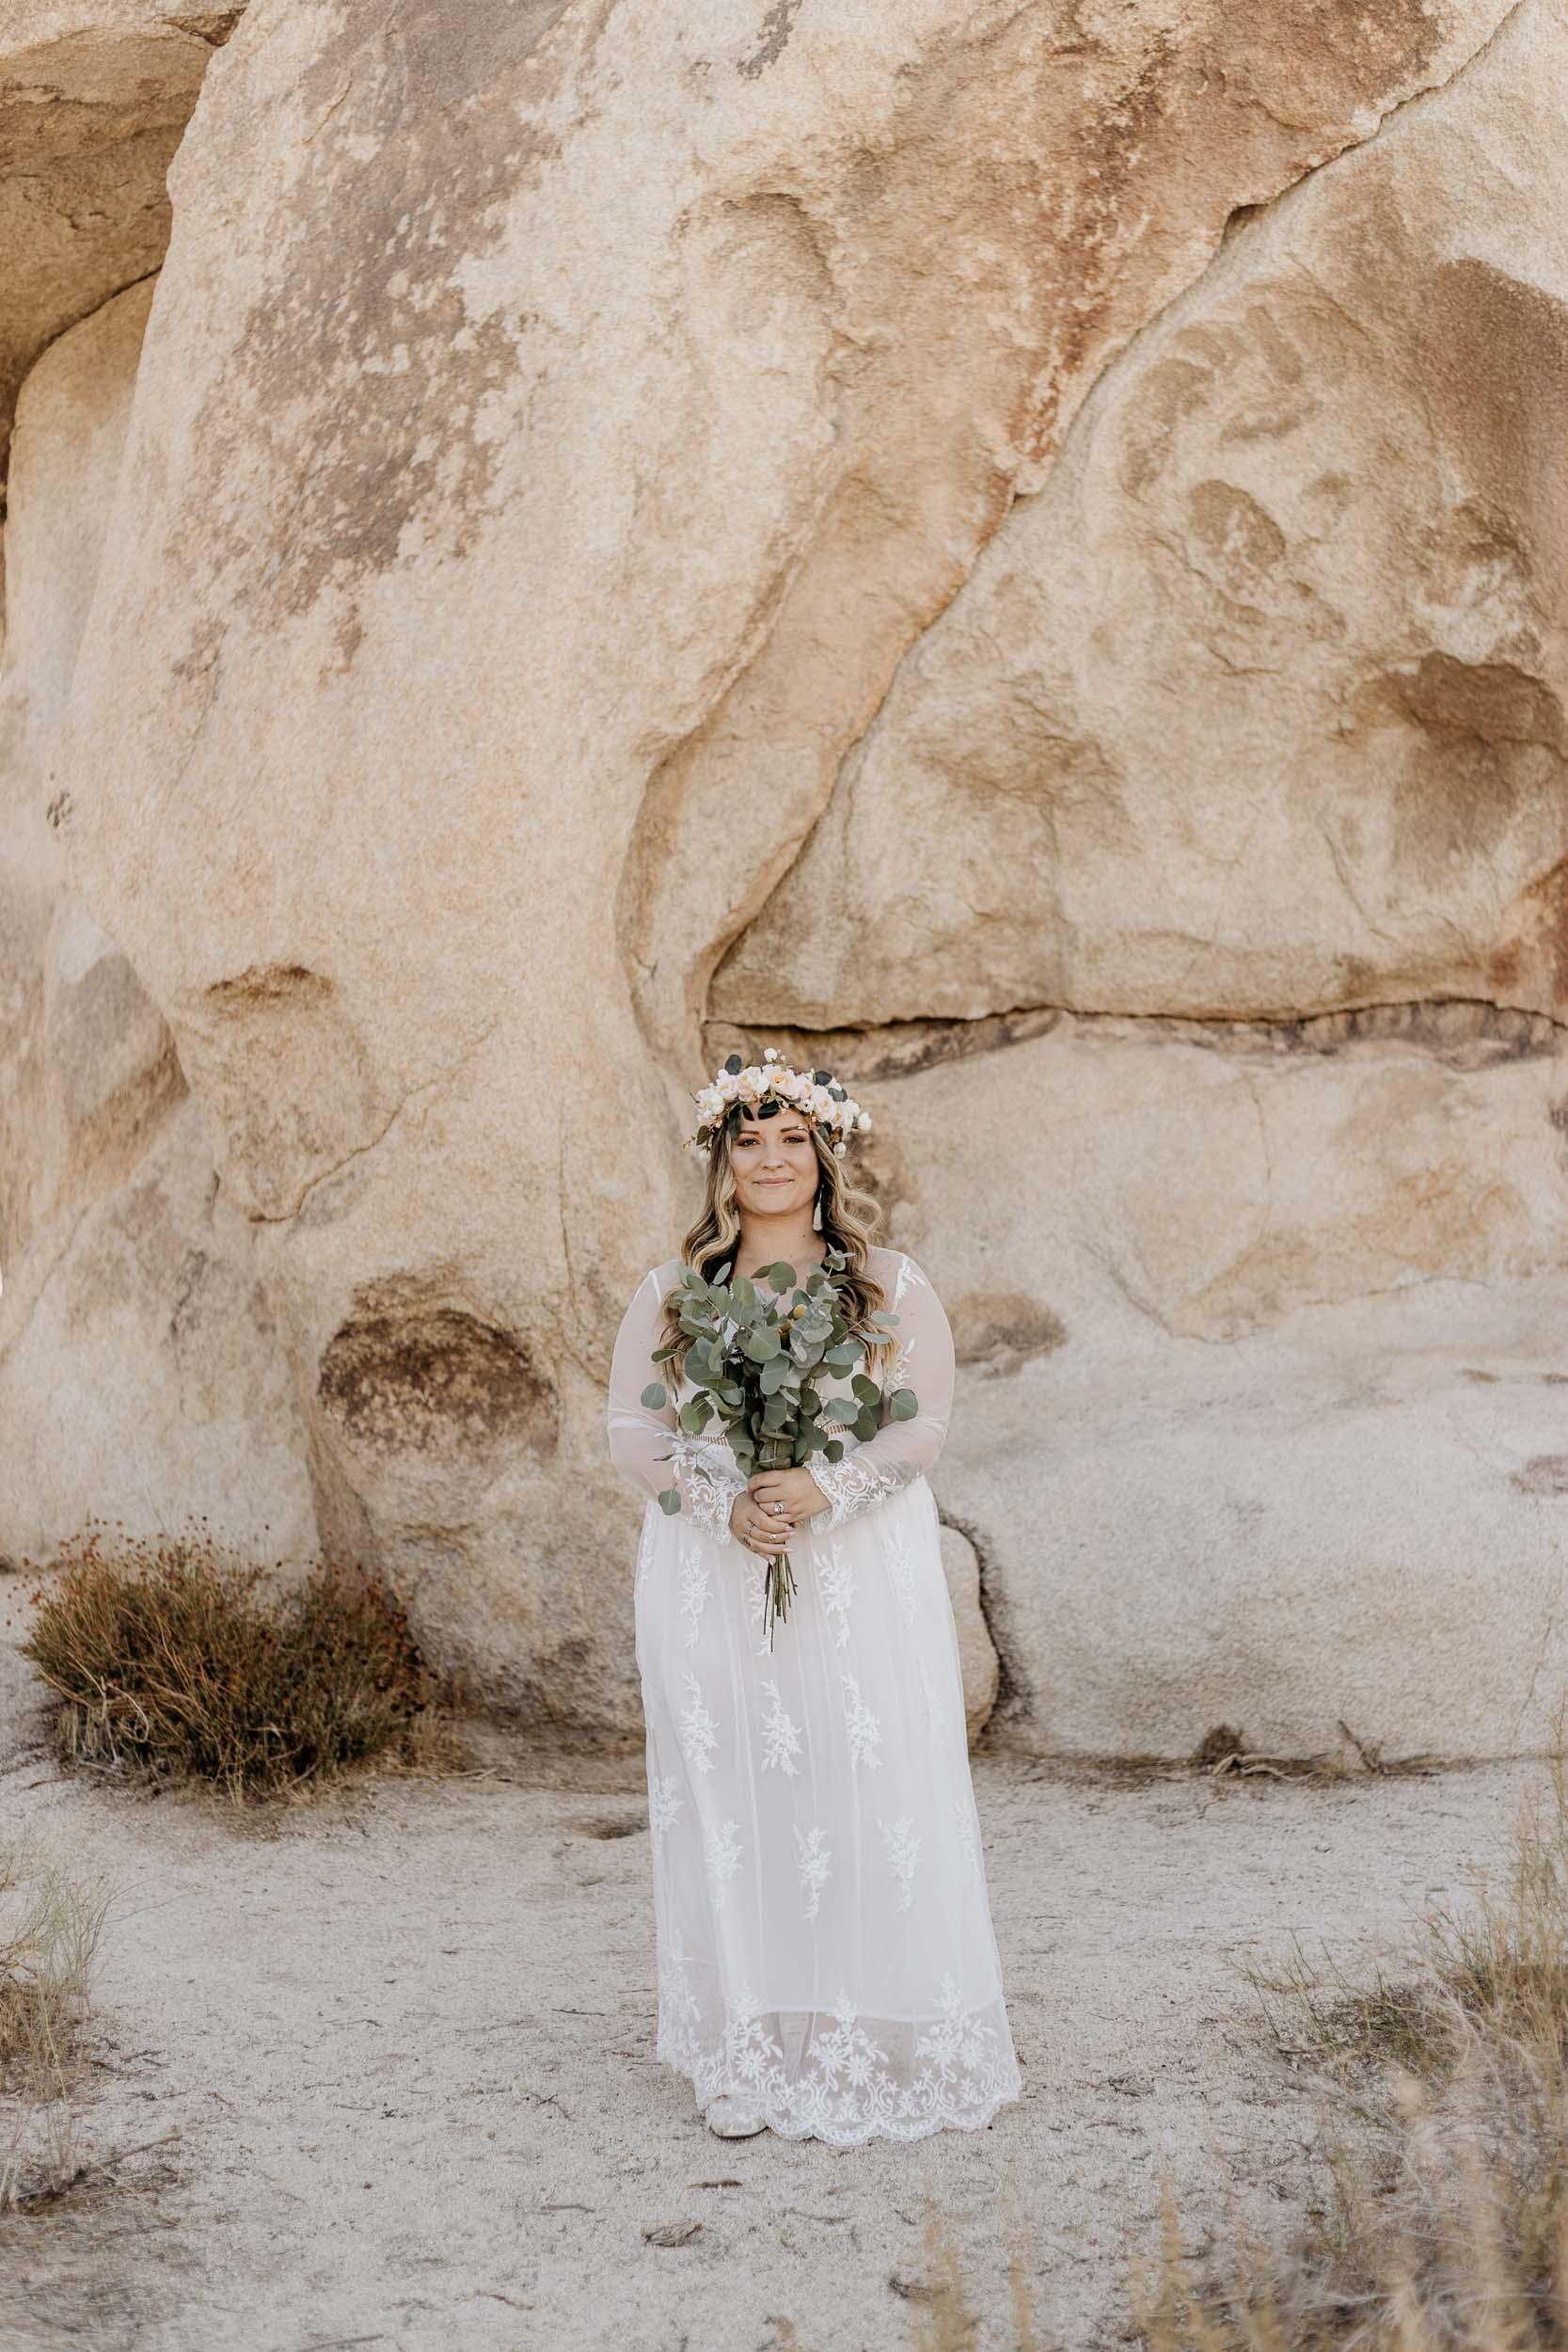 intimate-wedding-elopement-photographer-ottawa-joshua-tree-0026.jpg